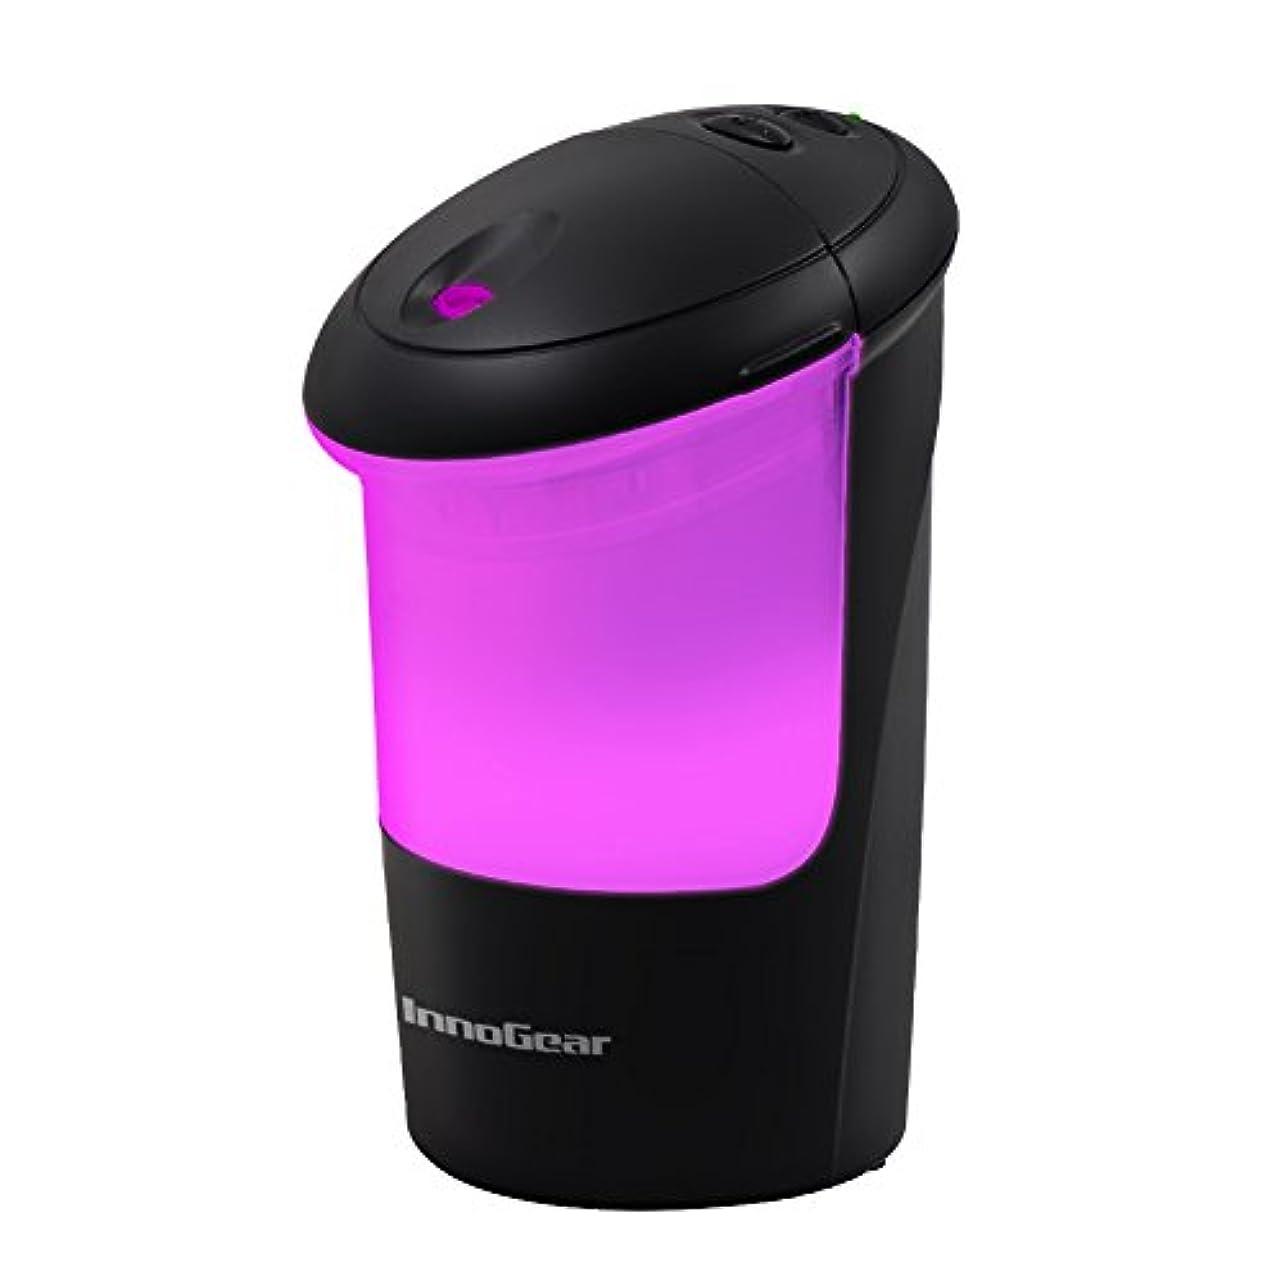 ぐったり違うインフルエンザInnoGear USB車Essential Oil Diffuser Air Refresher超音波アロマテラピーDiffusers with 7カラフルなLEDライトオフィス旅行ホーム車の ブラック UD50